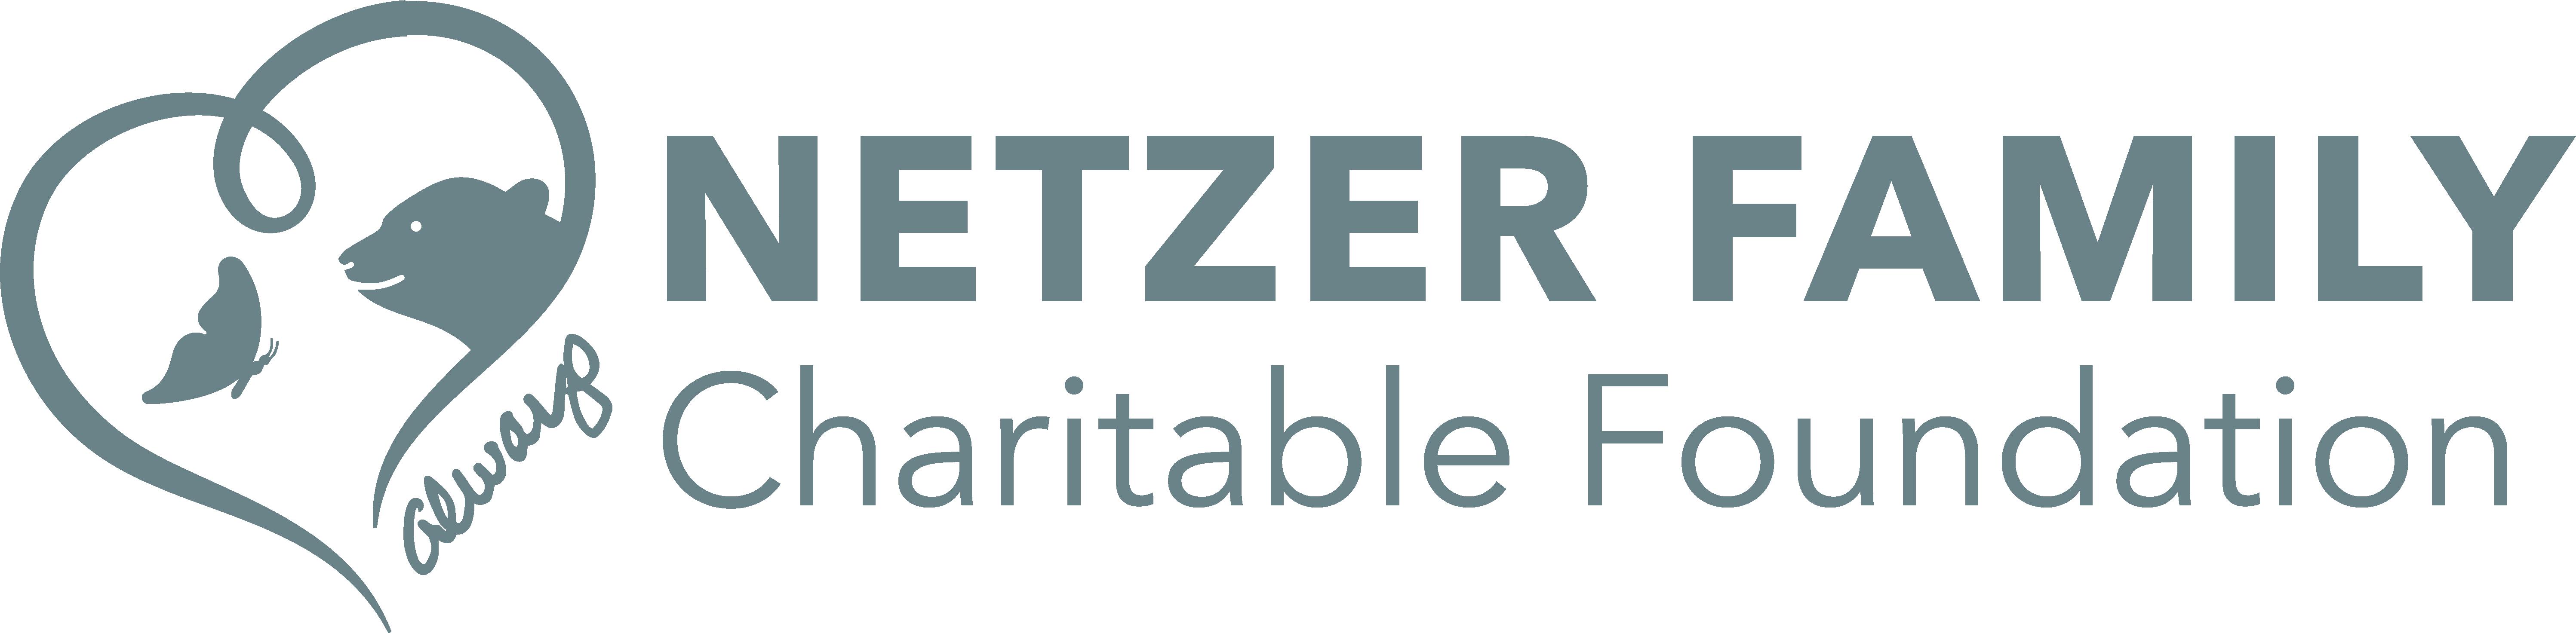 Netzer Family Foundation